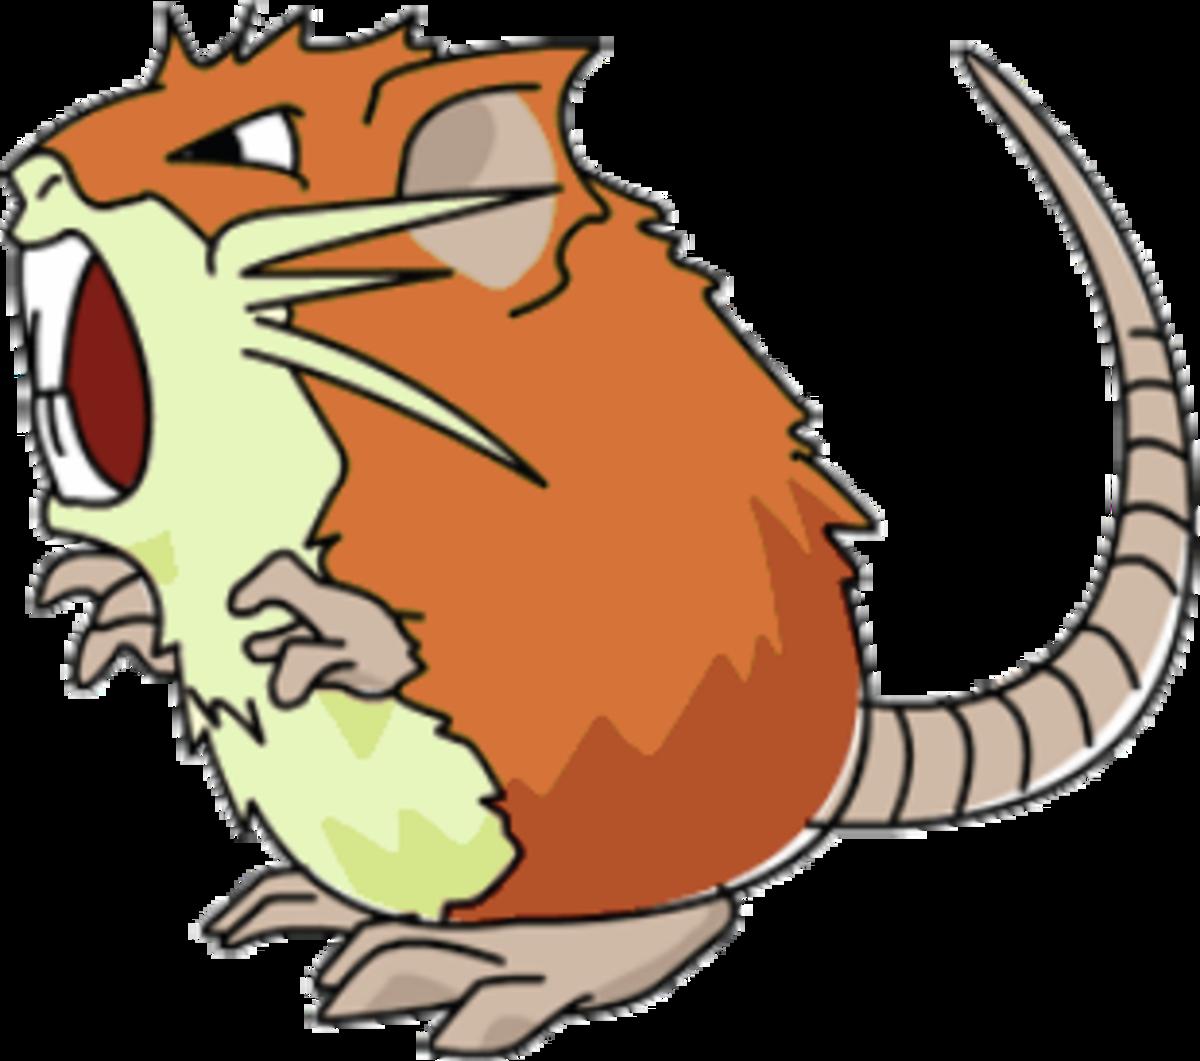 Shiny Raticate